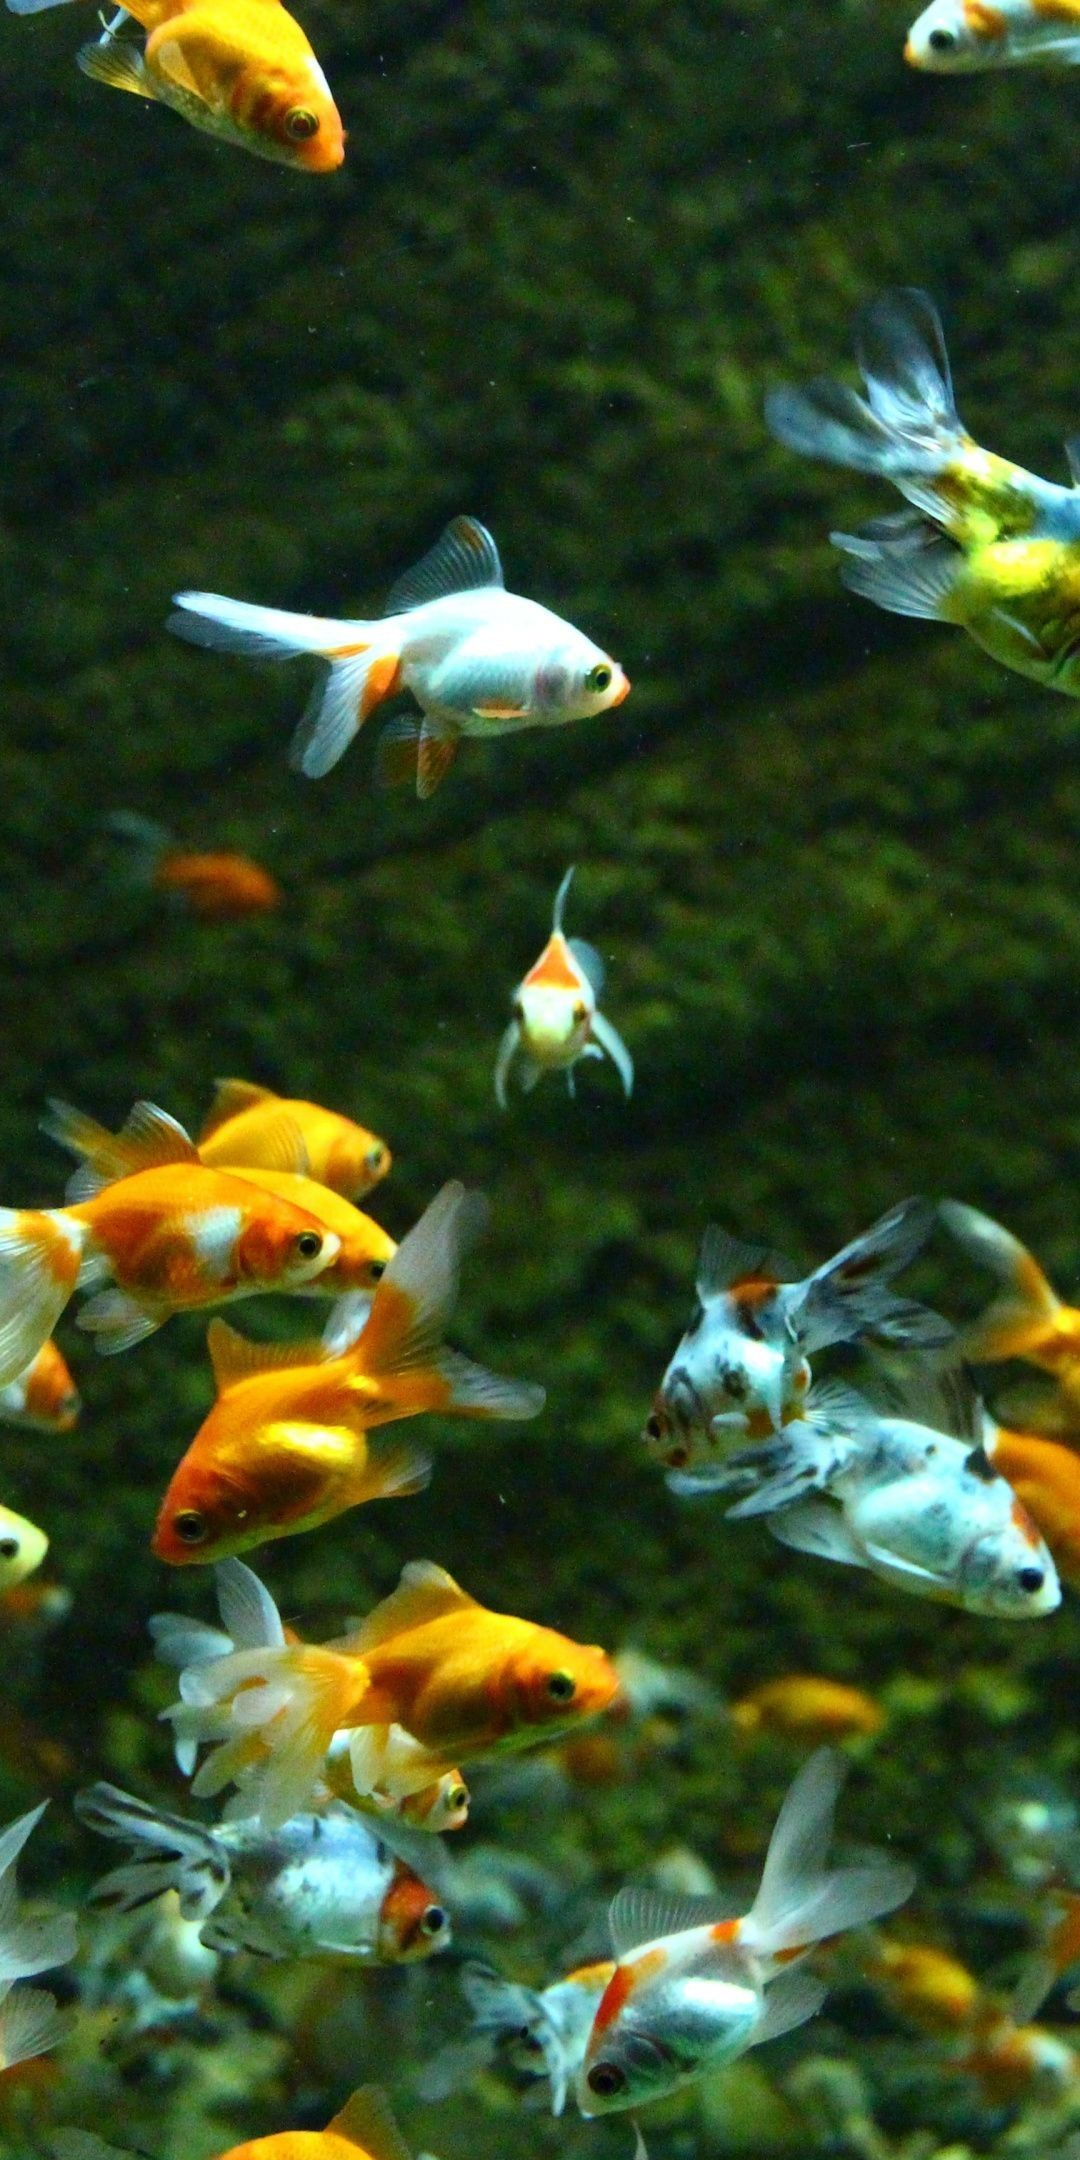 Luxury Aquarium Wallpaper For Mobile